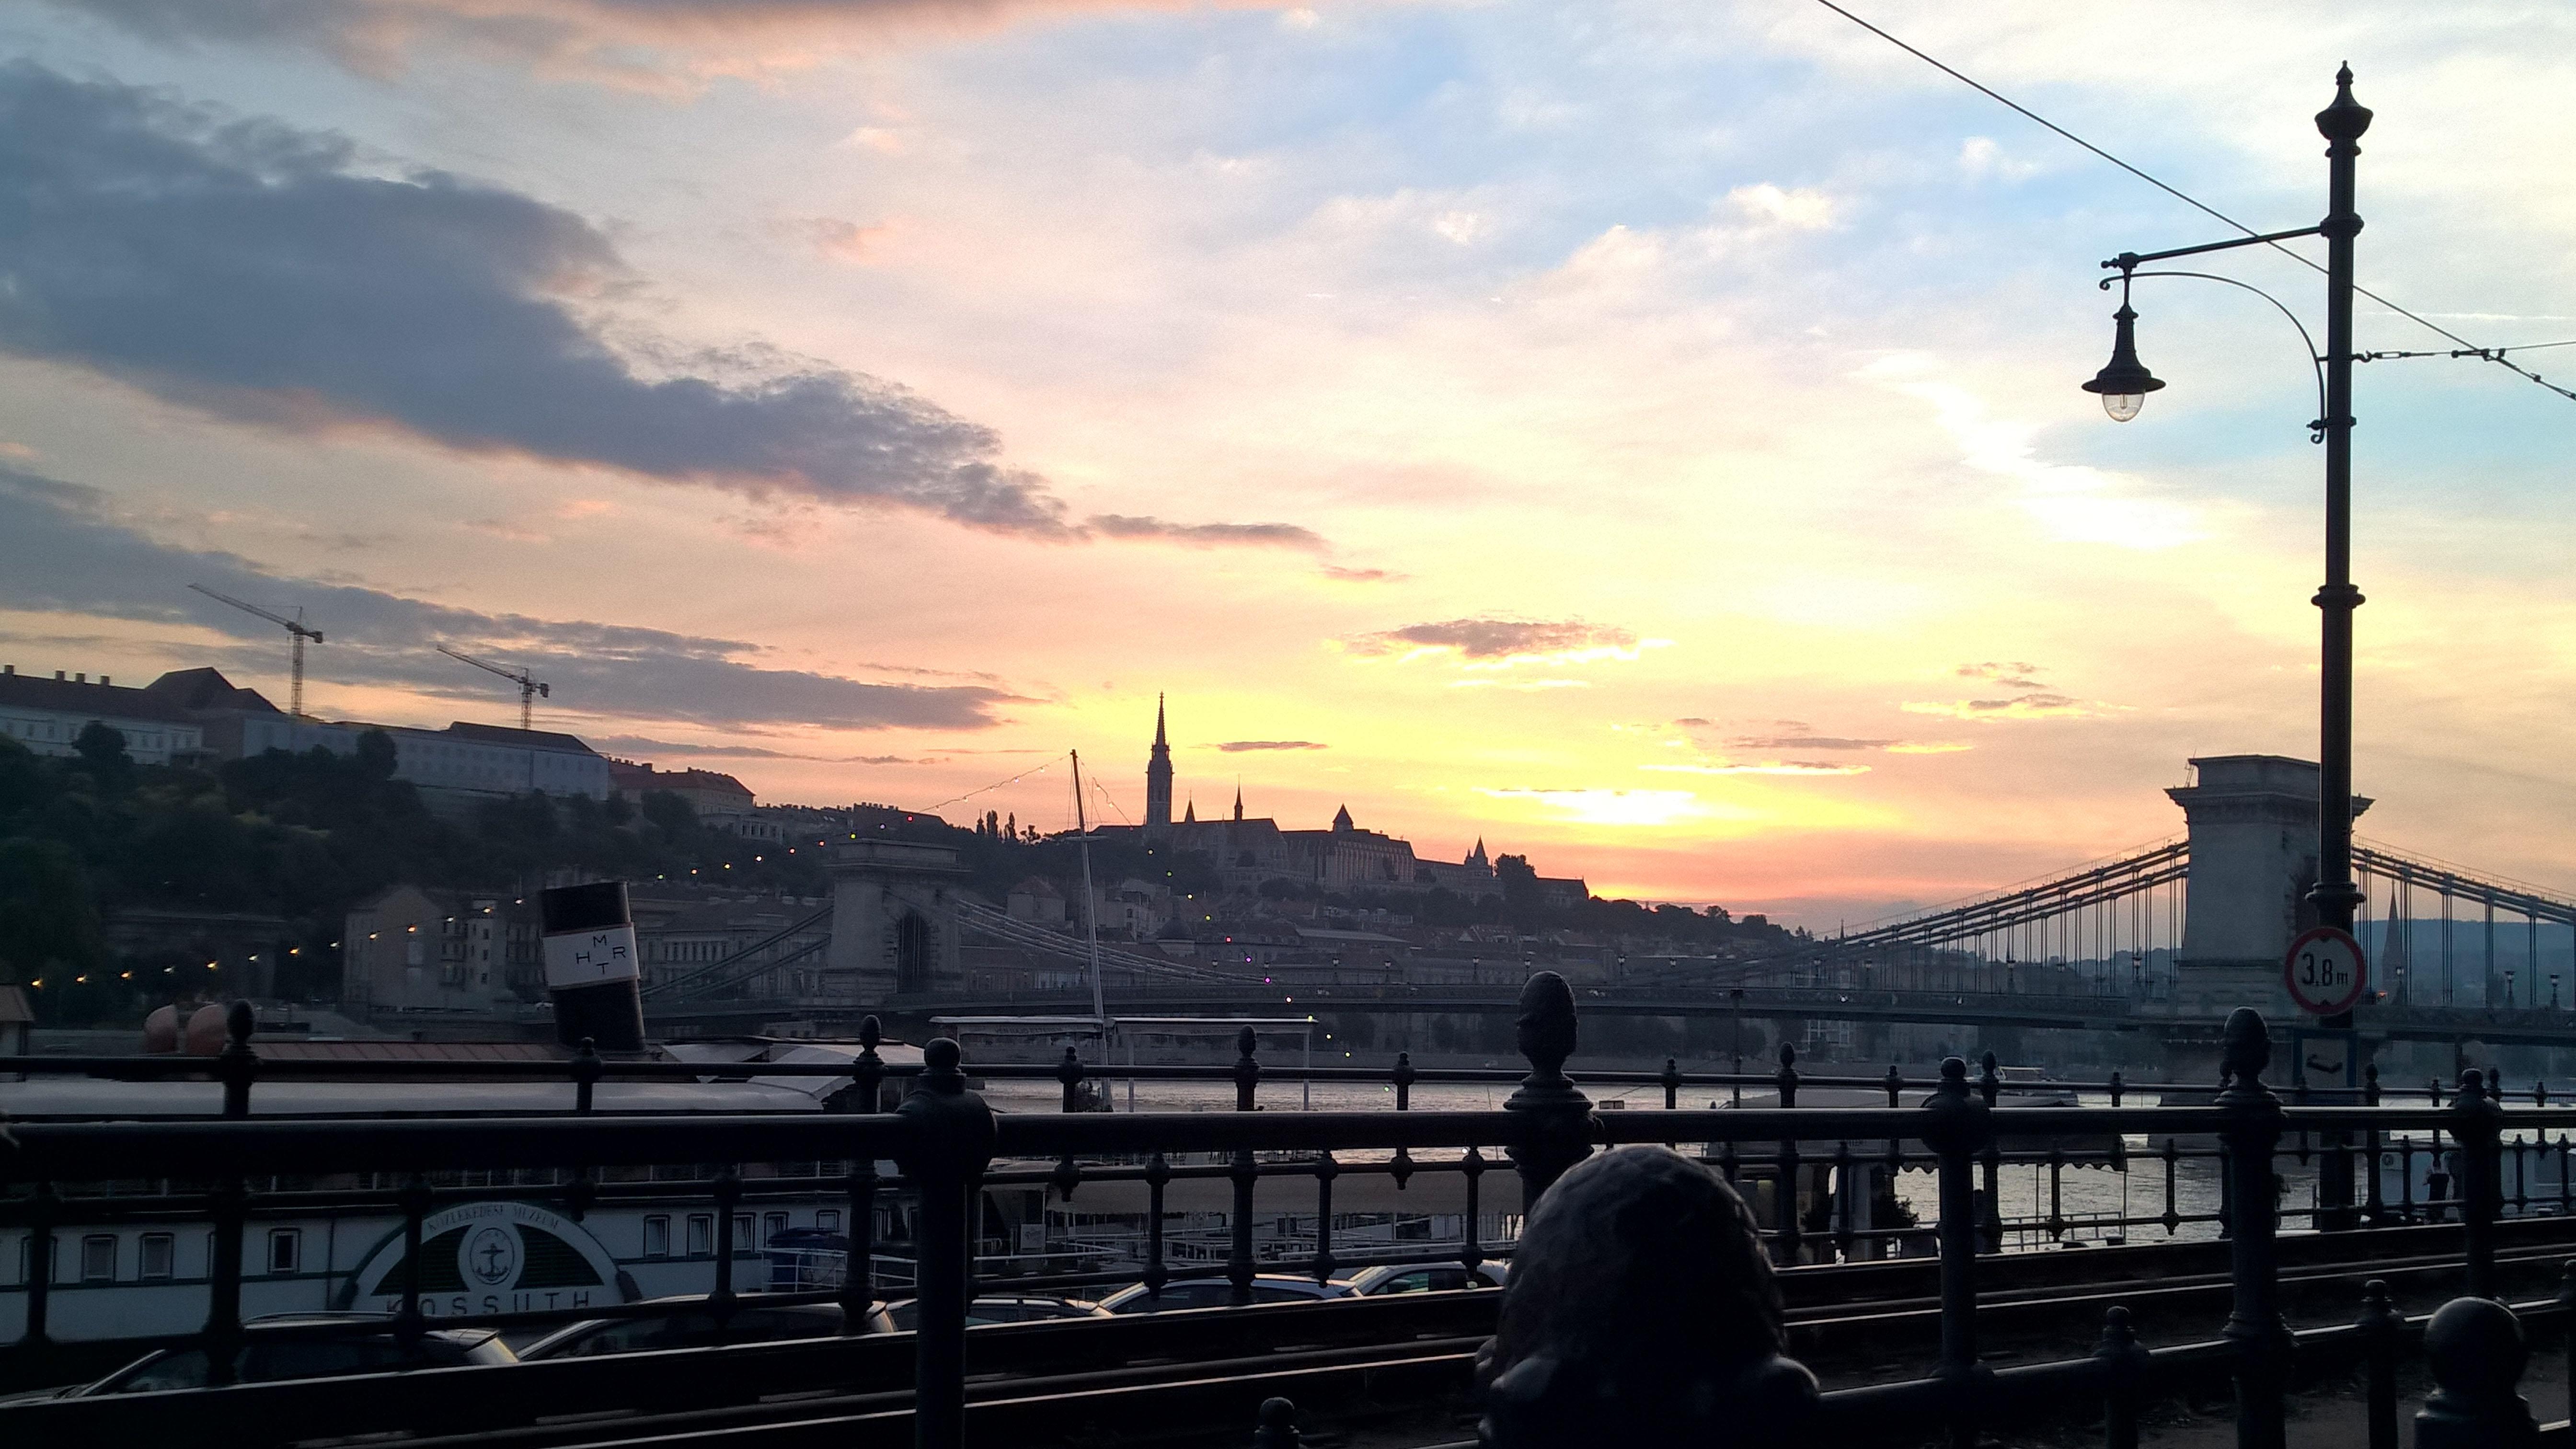 Budapest_Duna